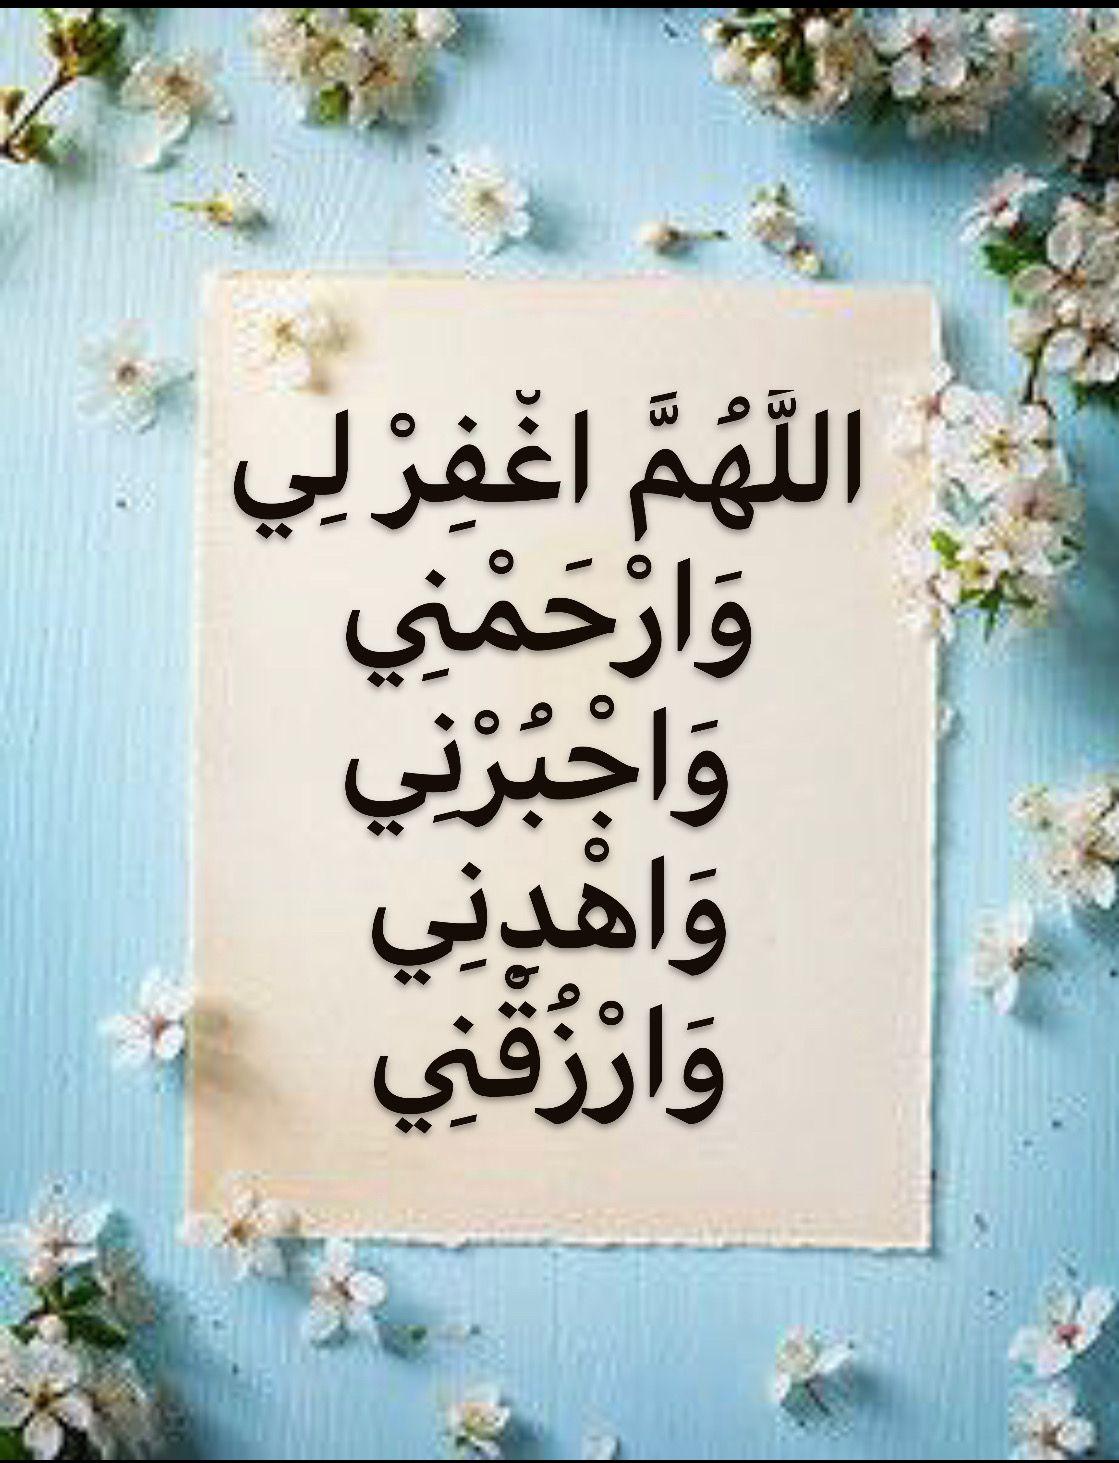 أدعية نبوية Beautiful Prayers Islamic Pictures Novelty Sign